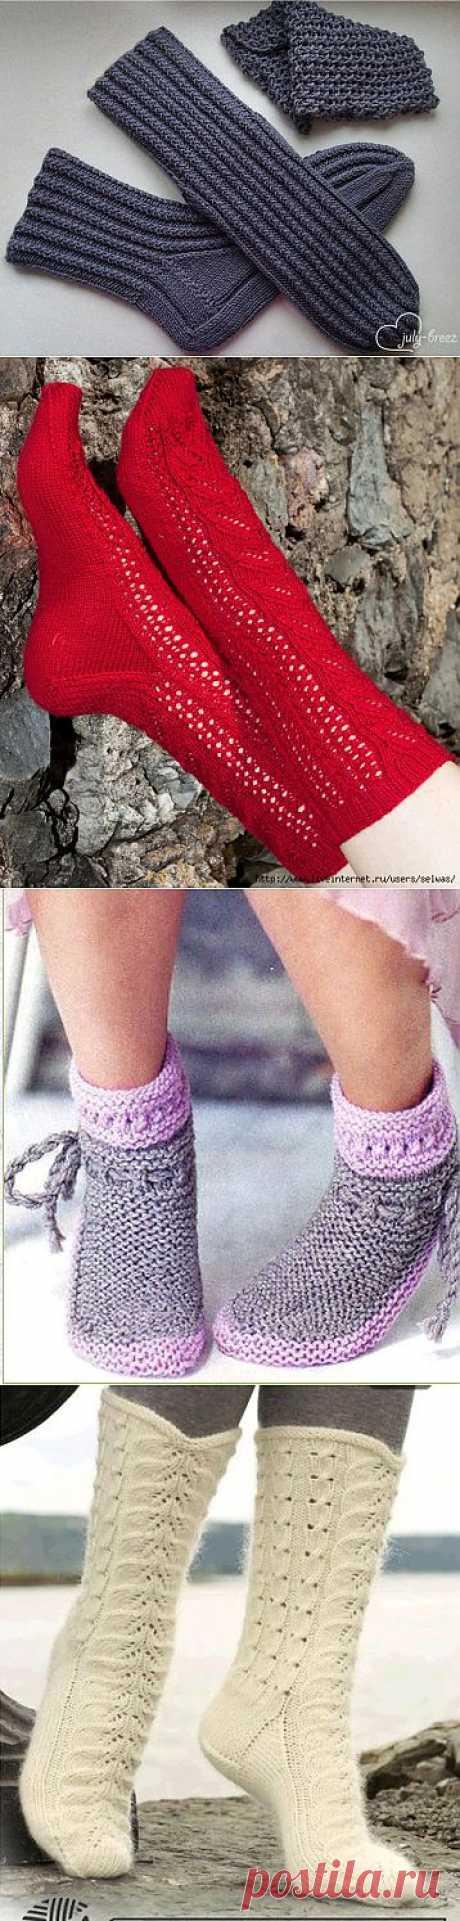 Носки вязаные ,подборка